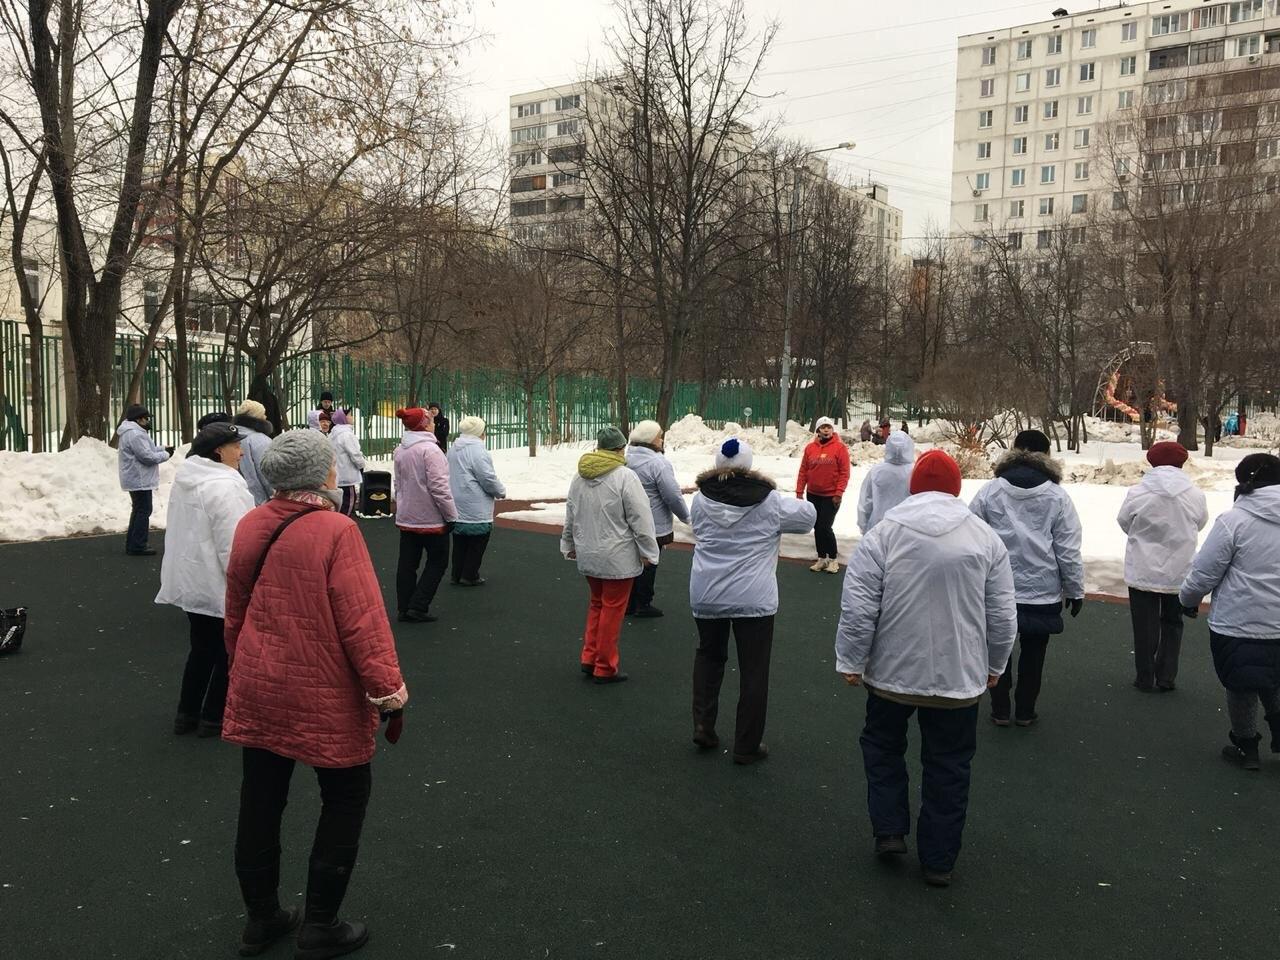 Сотрудники ГБУ «ЦДС «Олимп» приняли участие в открытии ГБУ ТЦСО «Южное Медведково».